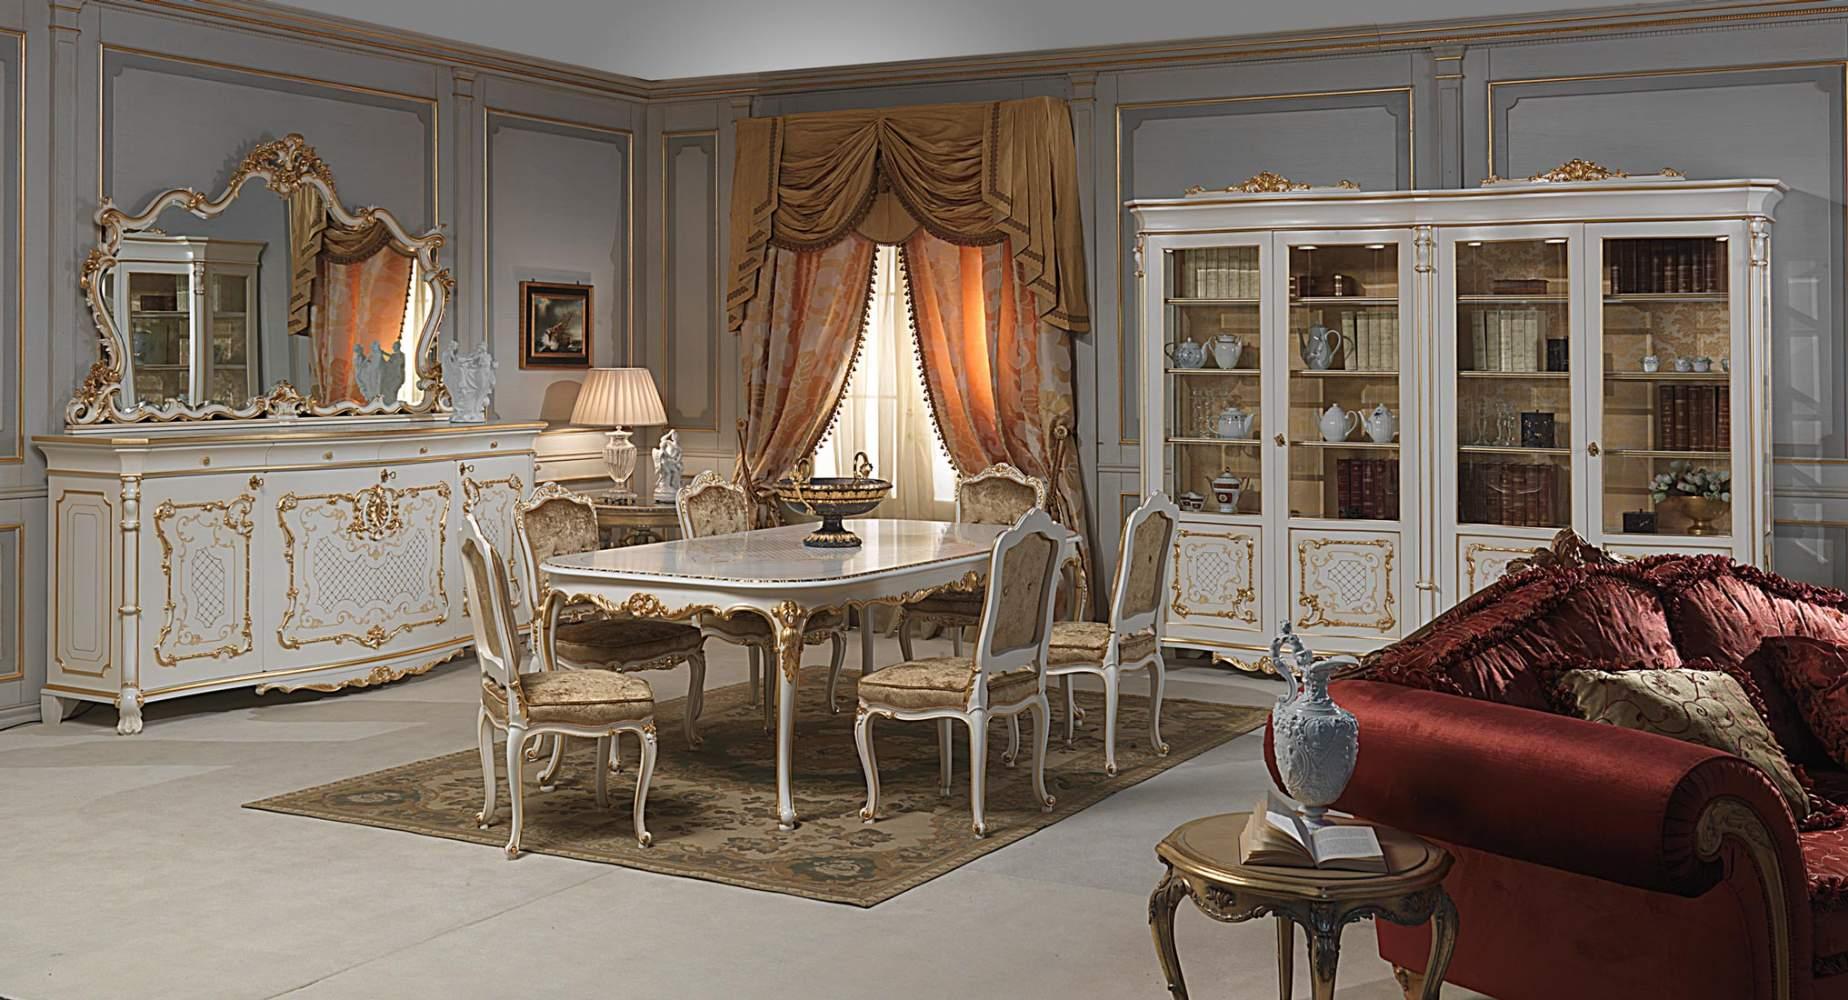 Sala Da Pranzo In Stile Luigi XV: Tavolo E Sedie Intagiati Credenza  #9E562D 1848 1000 Mobili Bianchi Sala Da Pranzo